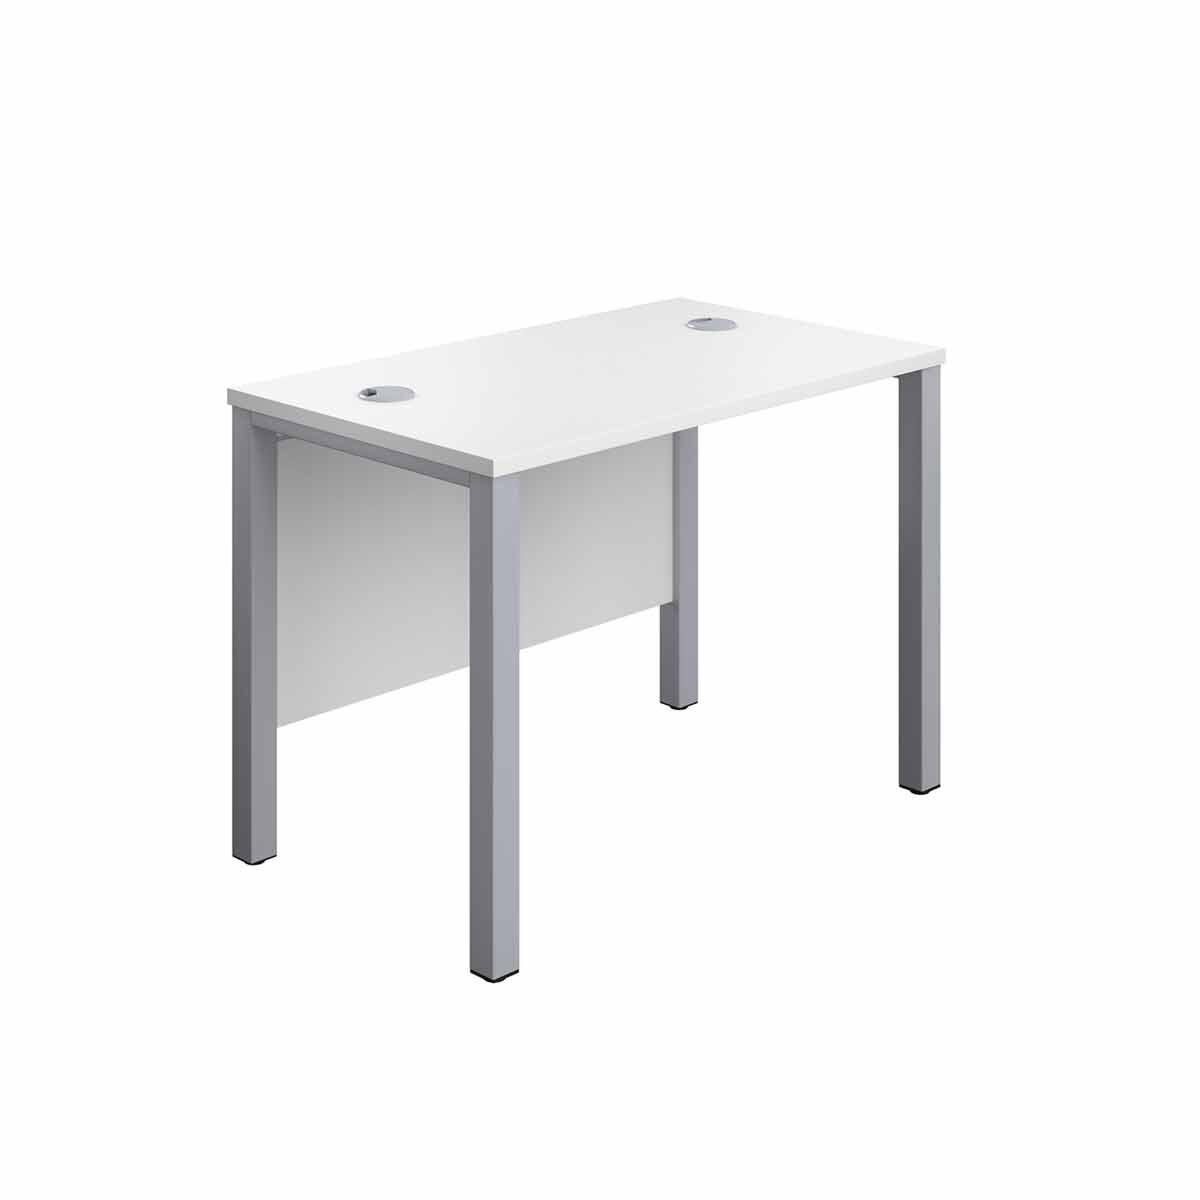 TC Office Silver Goal Post Rectangular Desk 100cm White